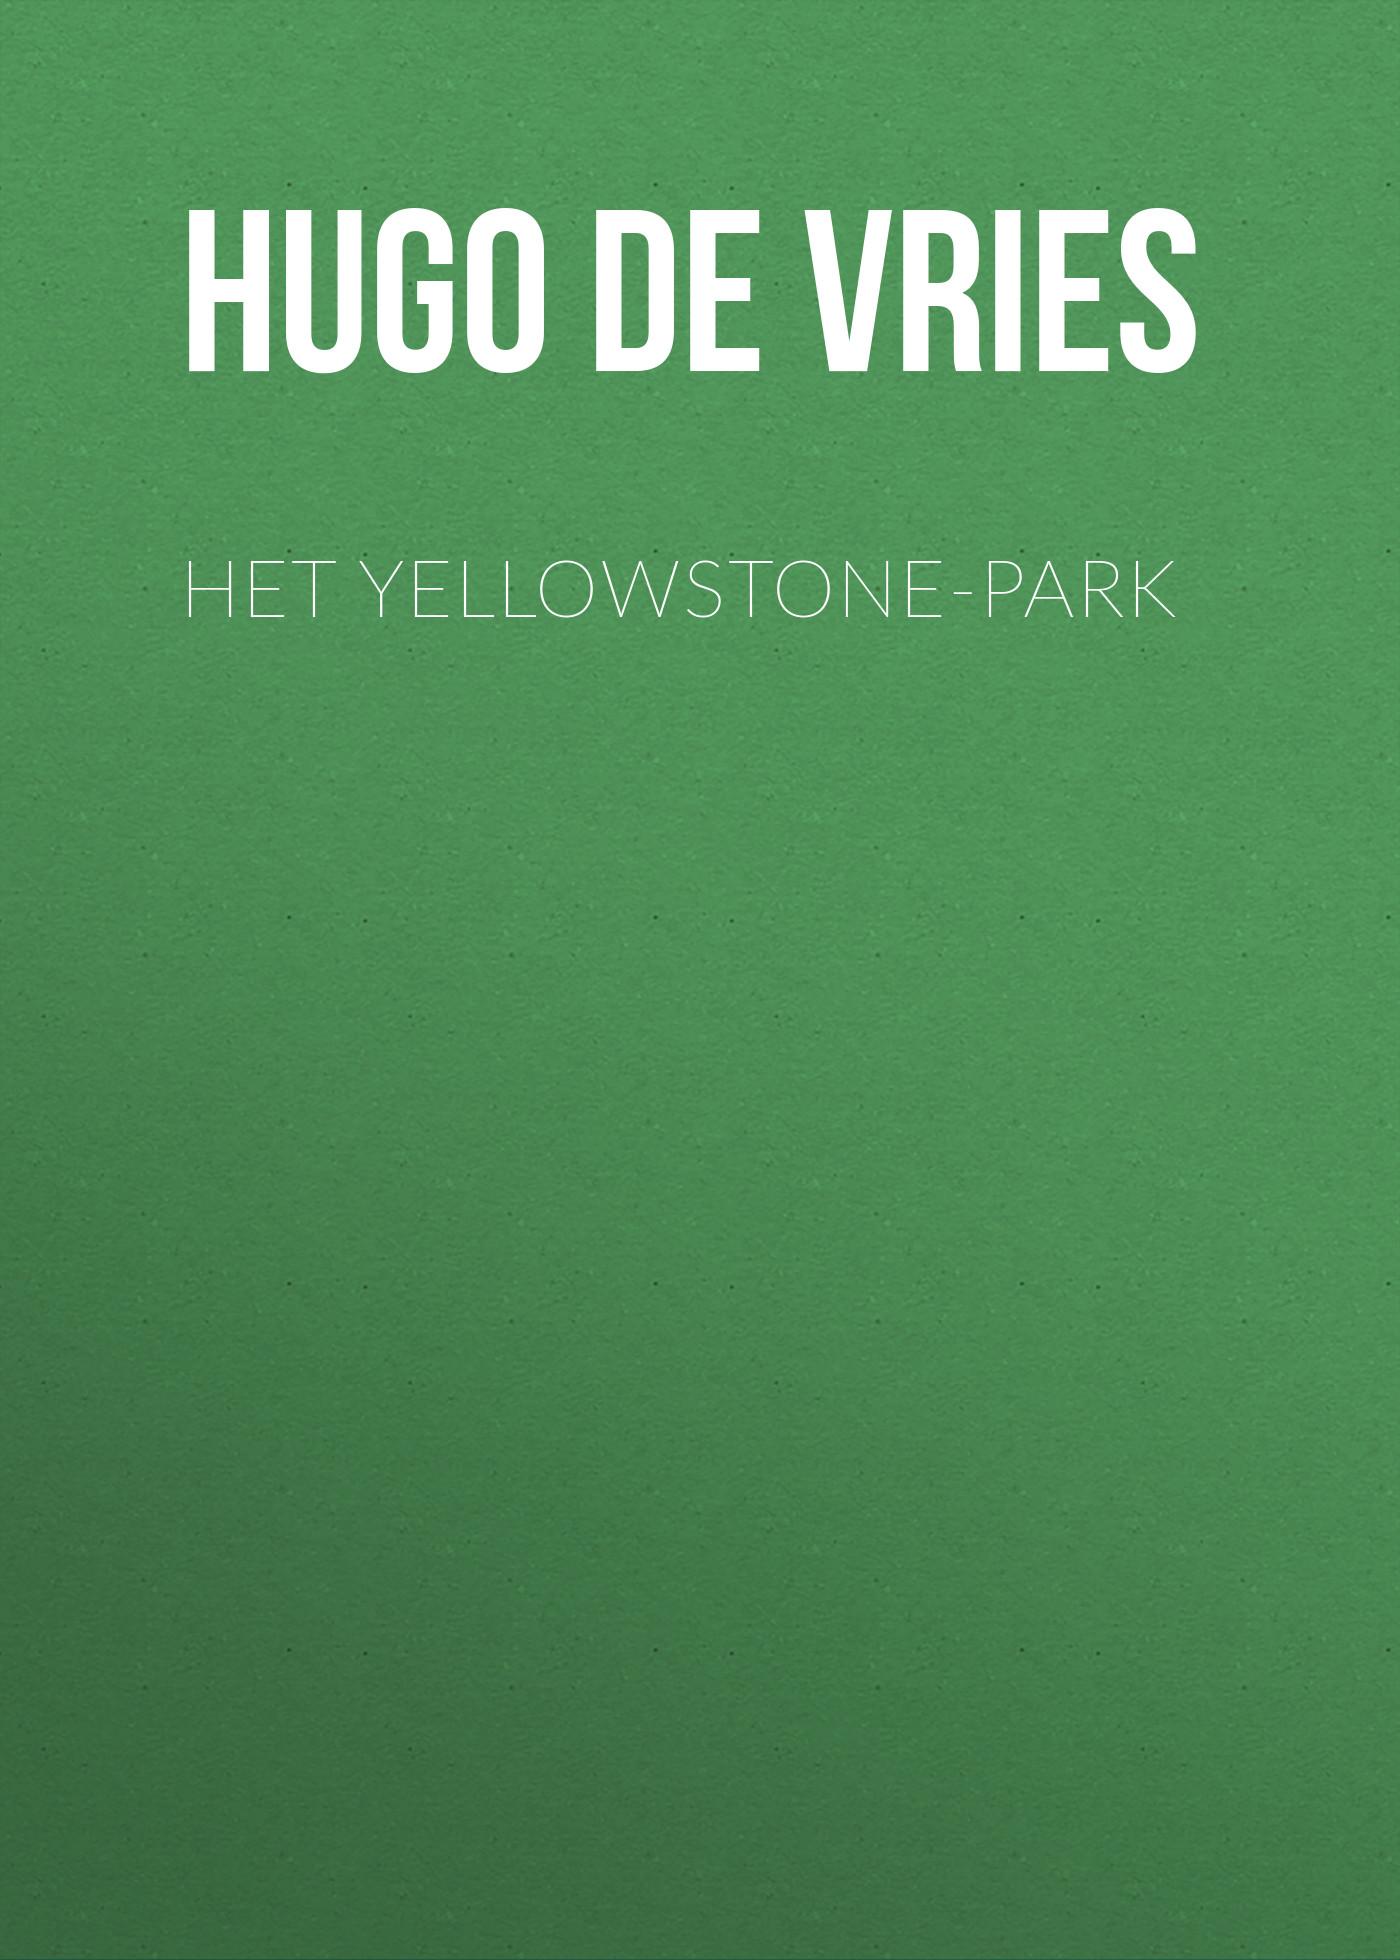 Hugo de Vries Het Yellowstone-Park hugo de vries het yellowstone park